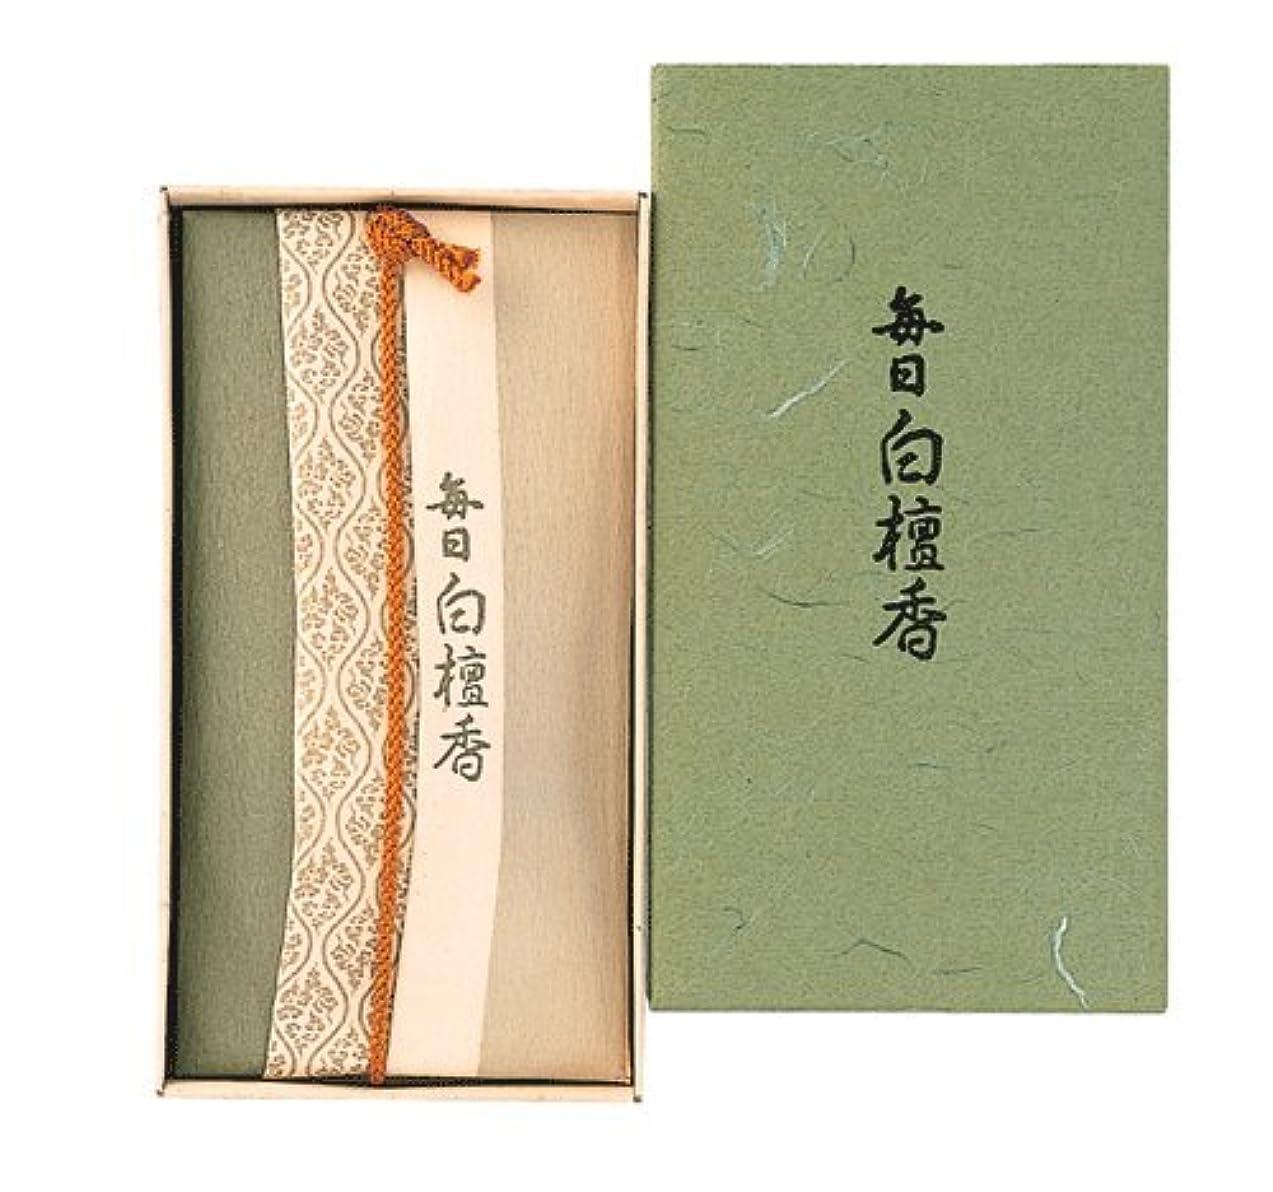 発行貞中世の香木の香りのお香 毎日白檀香 コーン24個入【お香】